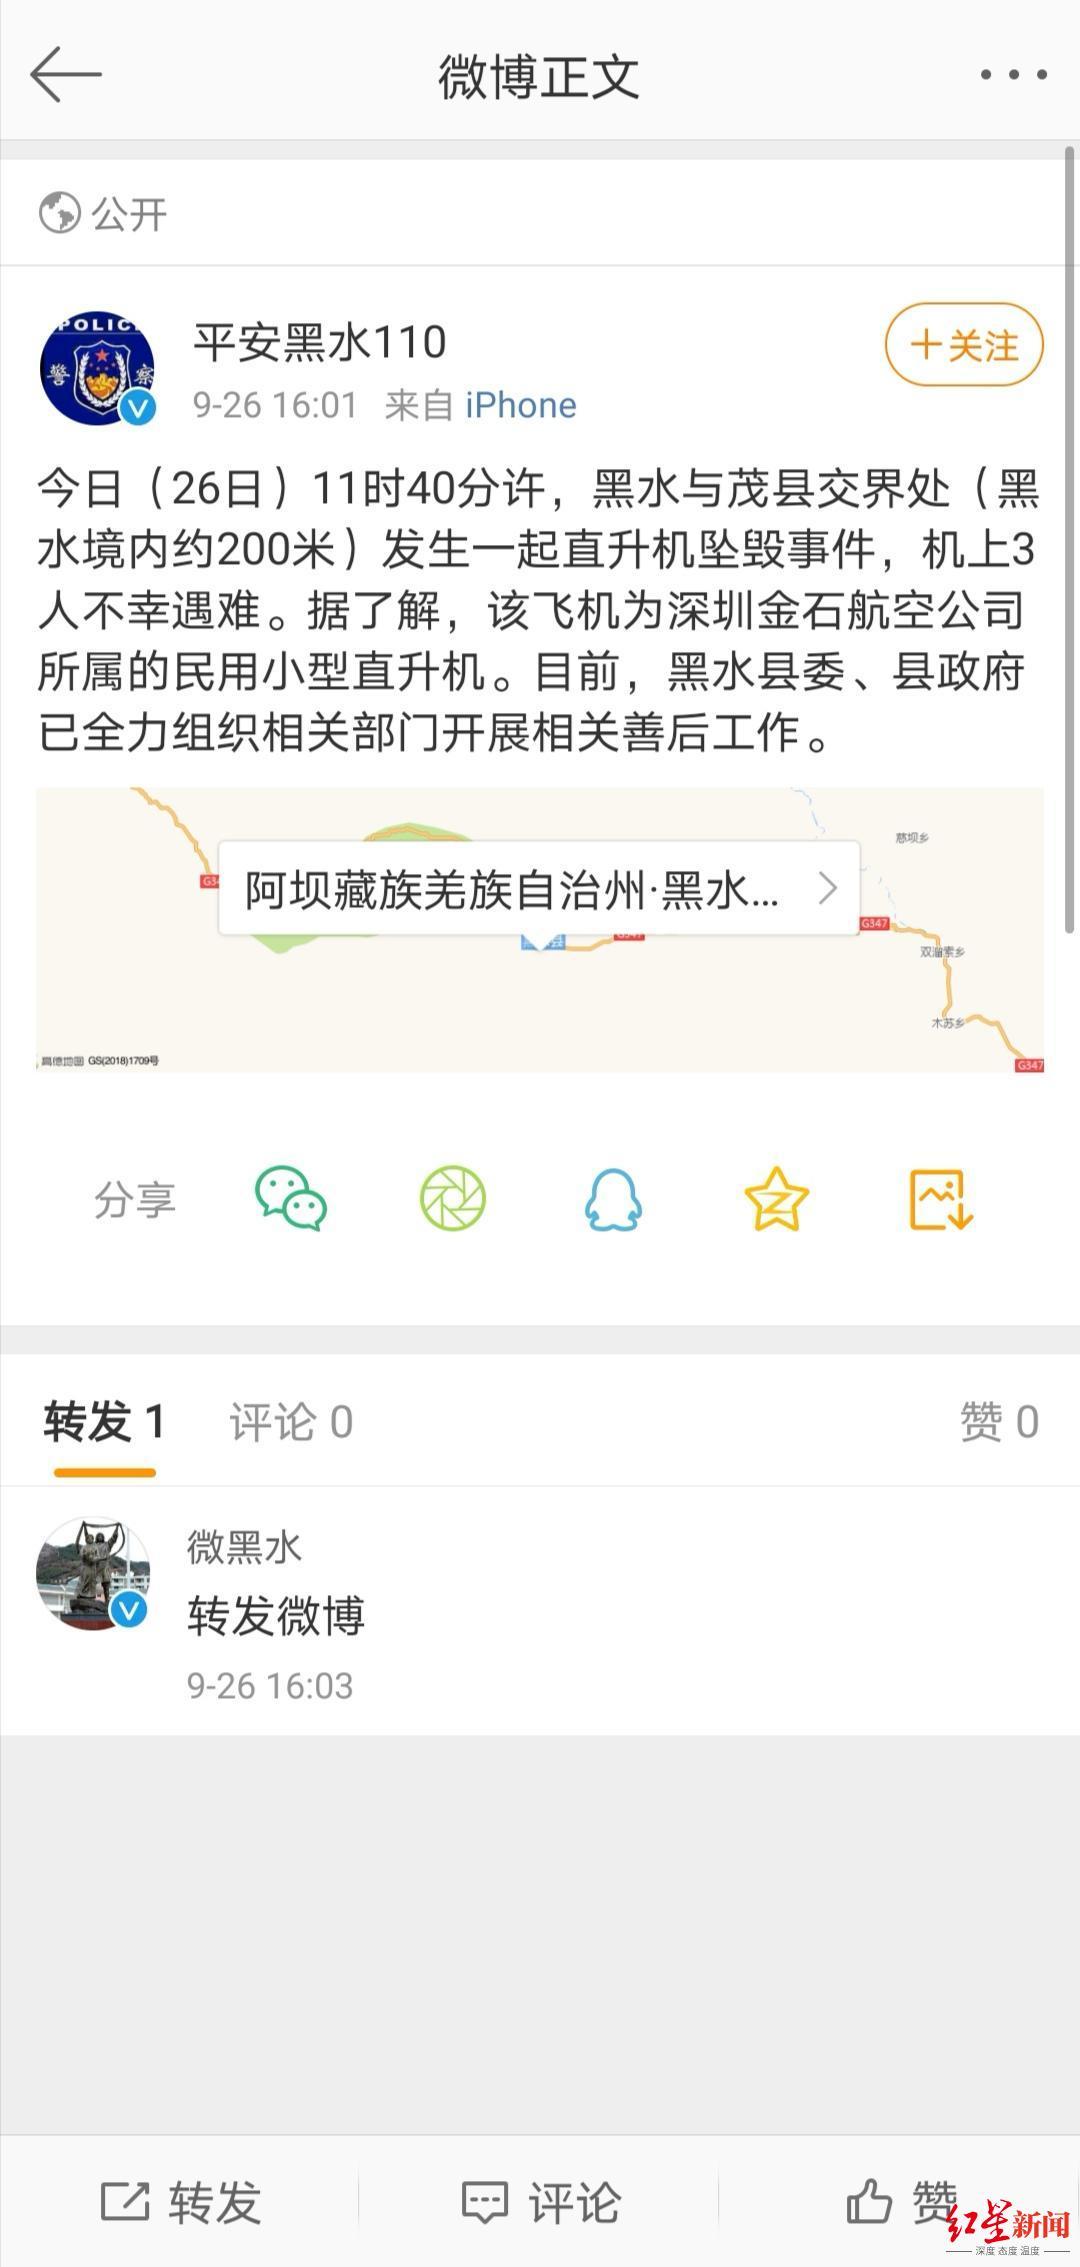 ↑暗水县公安局官微消息。